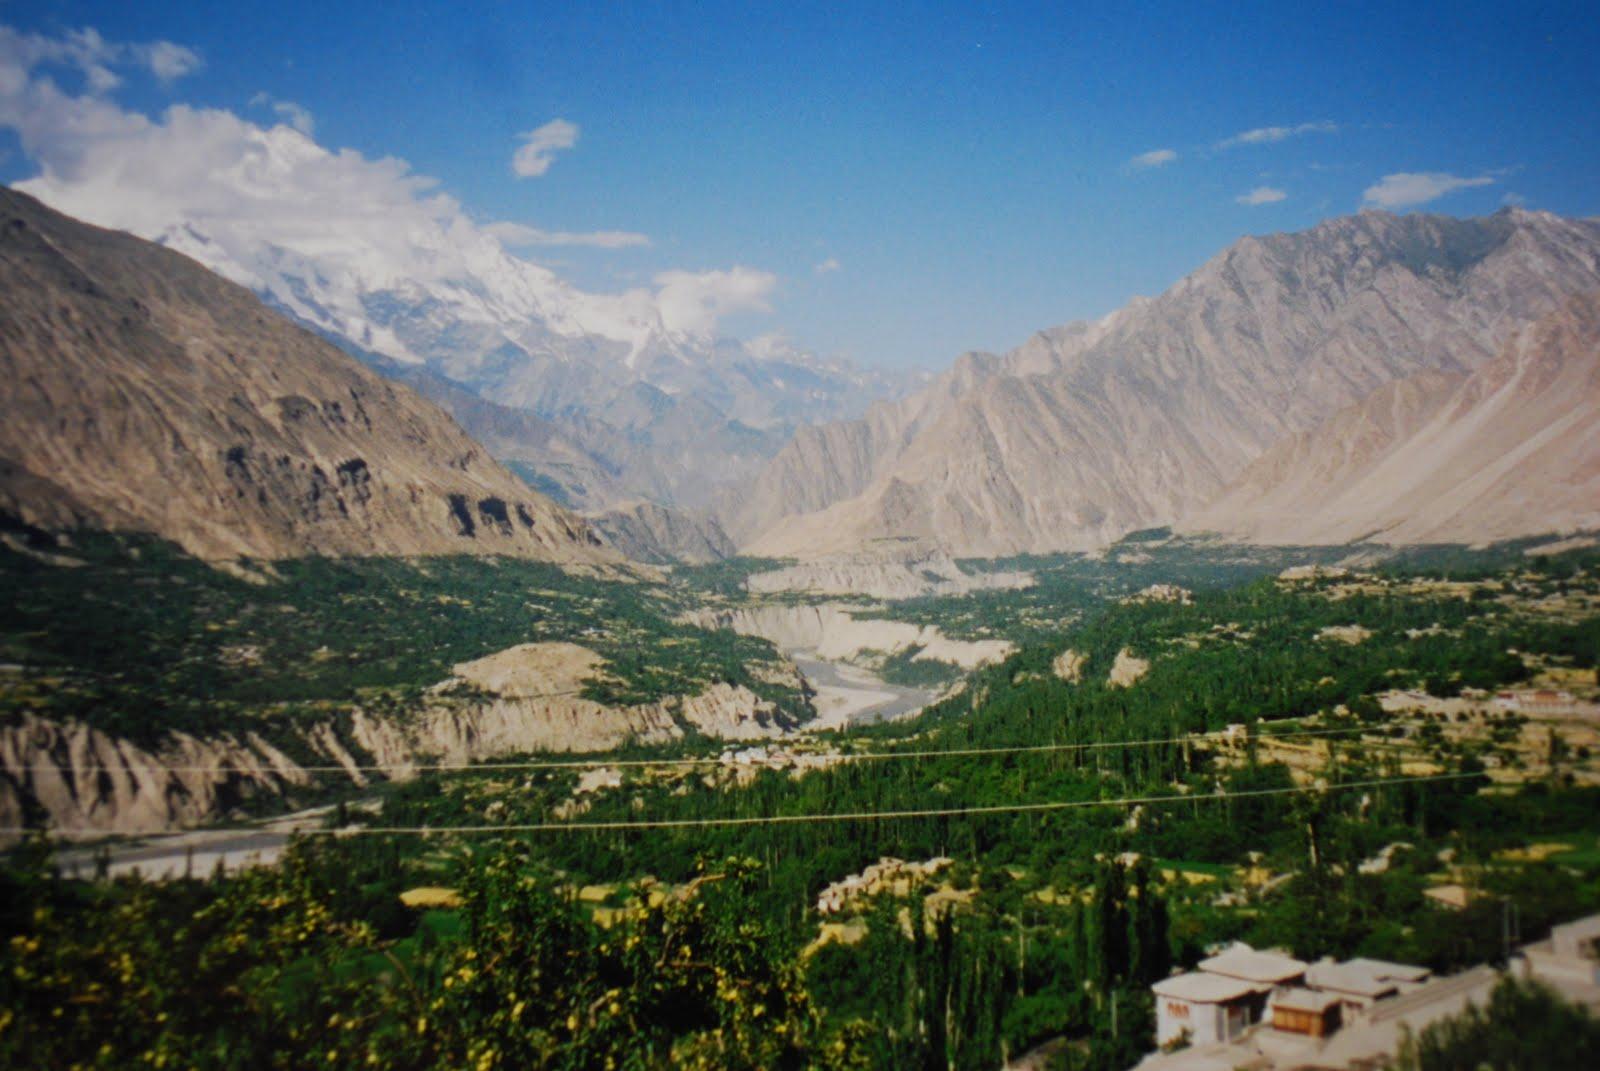 http://3.bp.blogspot.com/-P_gfHviEoqU/ThvLqKZx7_I/AAAAAAAAJO8/Yo5TFgjsG-s/s1600/Karimabad%2BPakistan%2BWallpapers%2B%252814%2529.JPG